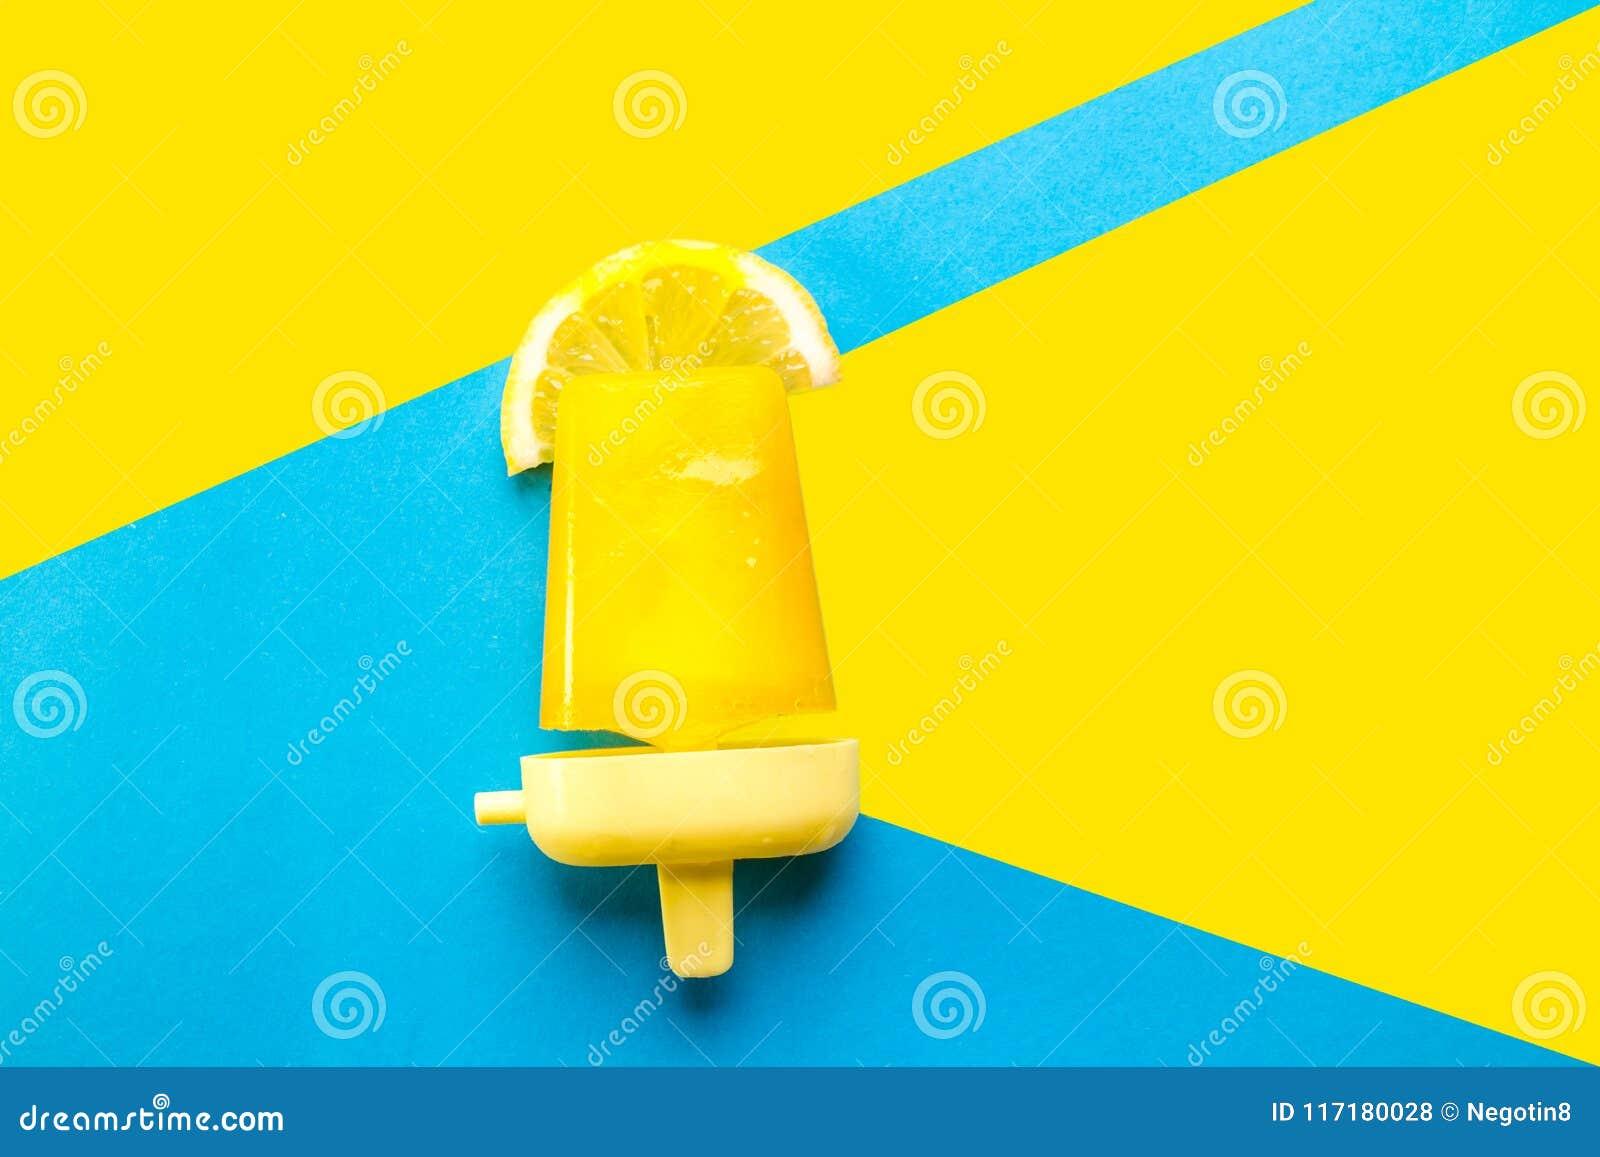 Σπιτικό Popsicles που απομονώνεται μπλε σε κίτρινο